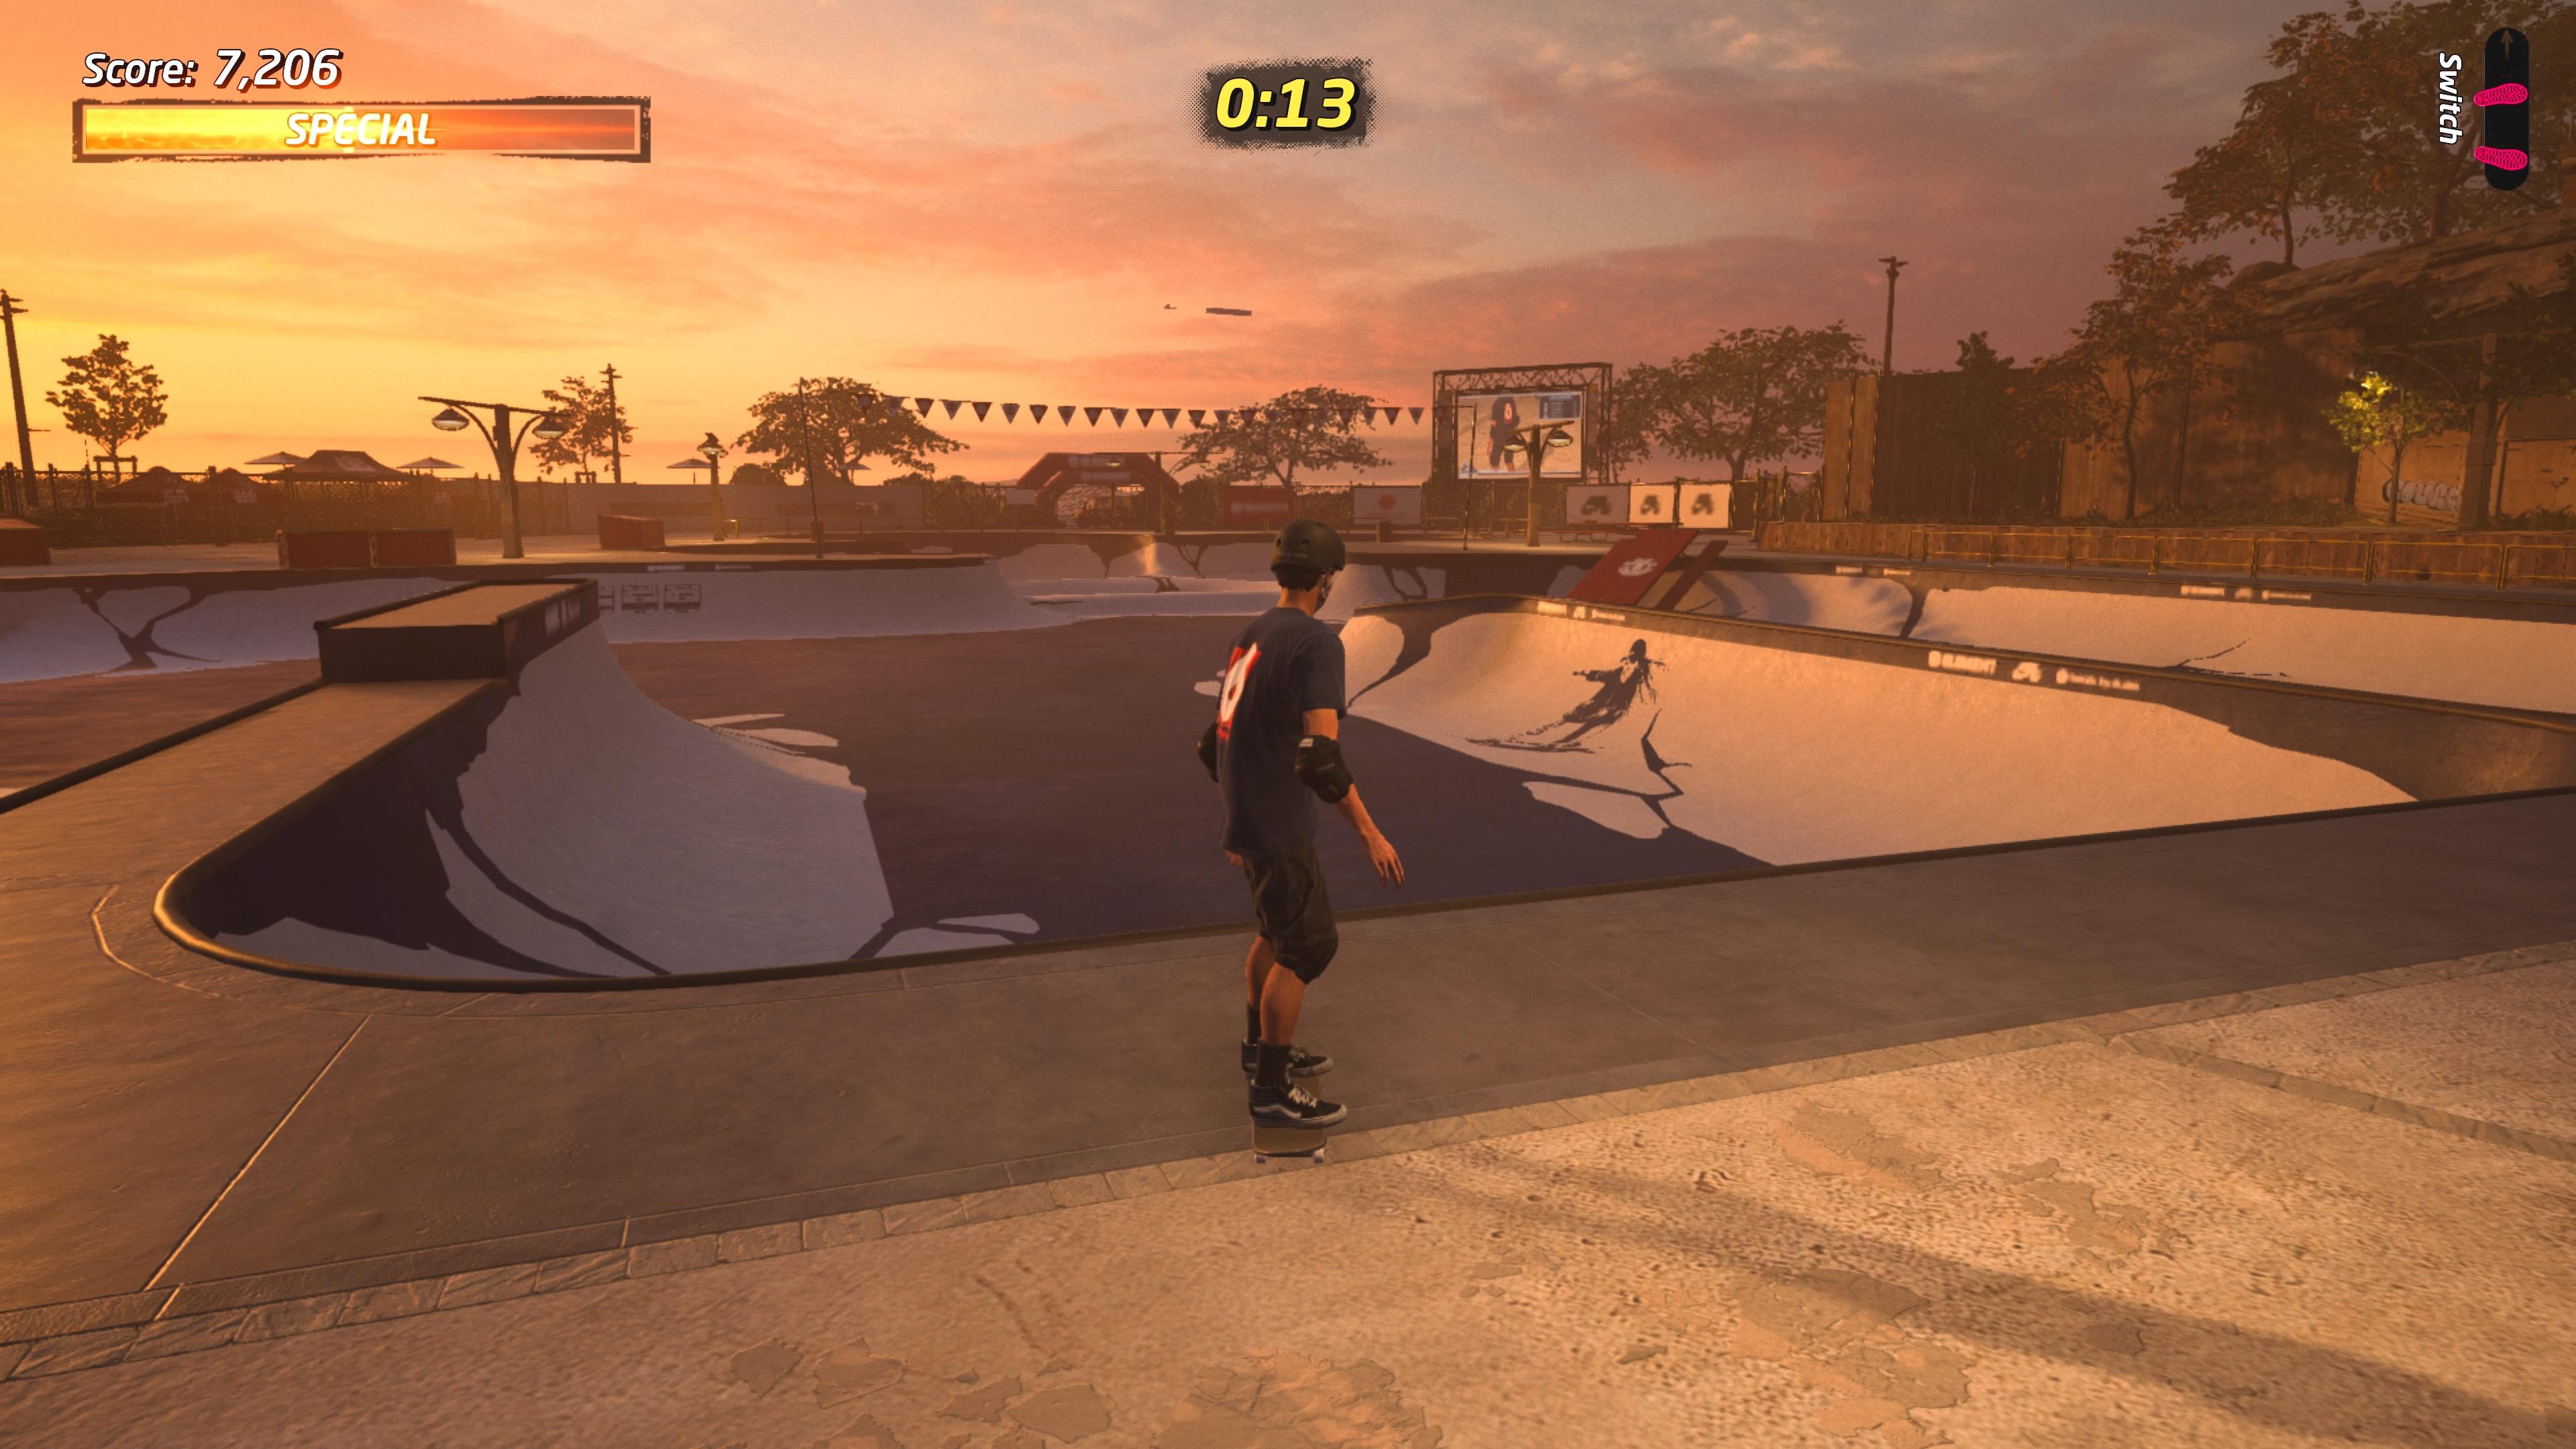 Tony Hawk's Pro Skater 1 + 2 France